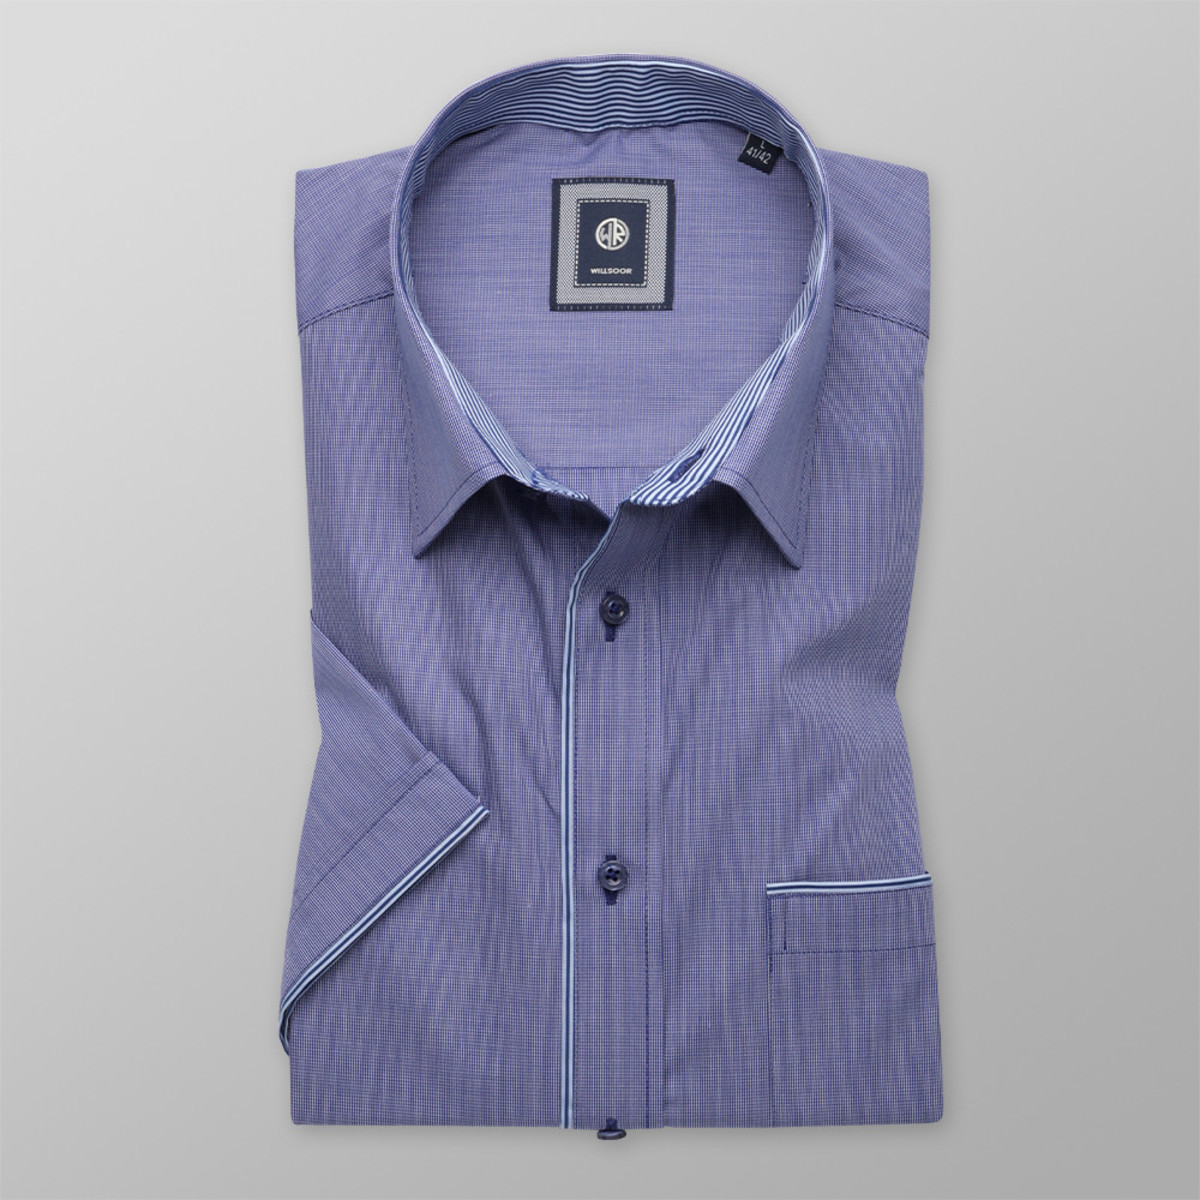 Košeľa Slim Fit tmavo modrej farby (výška 176 - 182) 10508 176-182 / M (39/40)